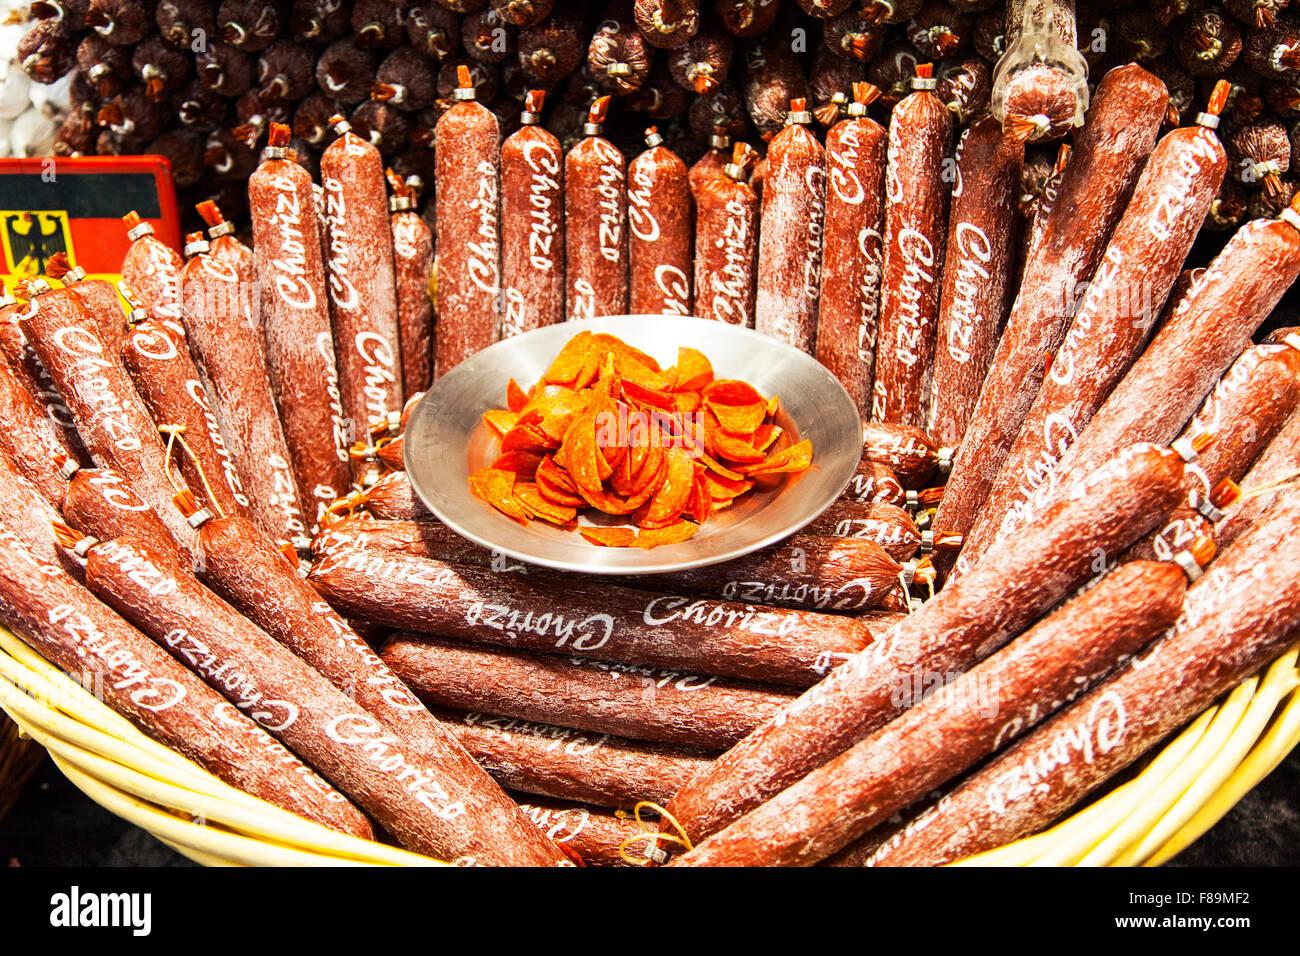 Espagnol chorizo salami viande saucisses de viande épicé snack-starter delicatessen afficher des aliments Photo Stock